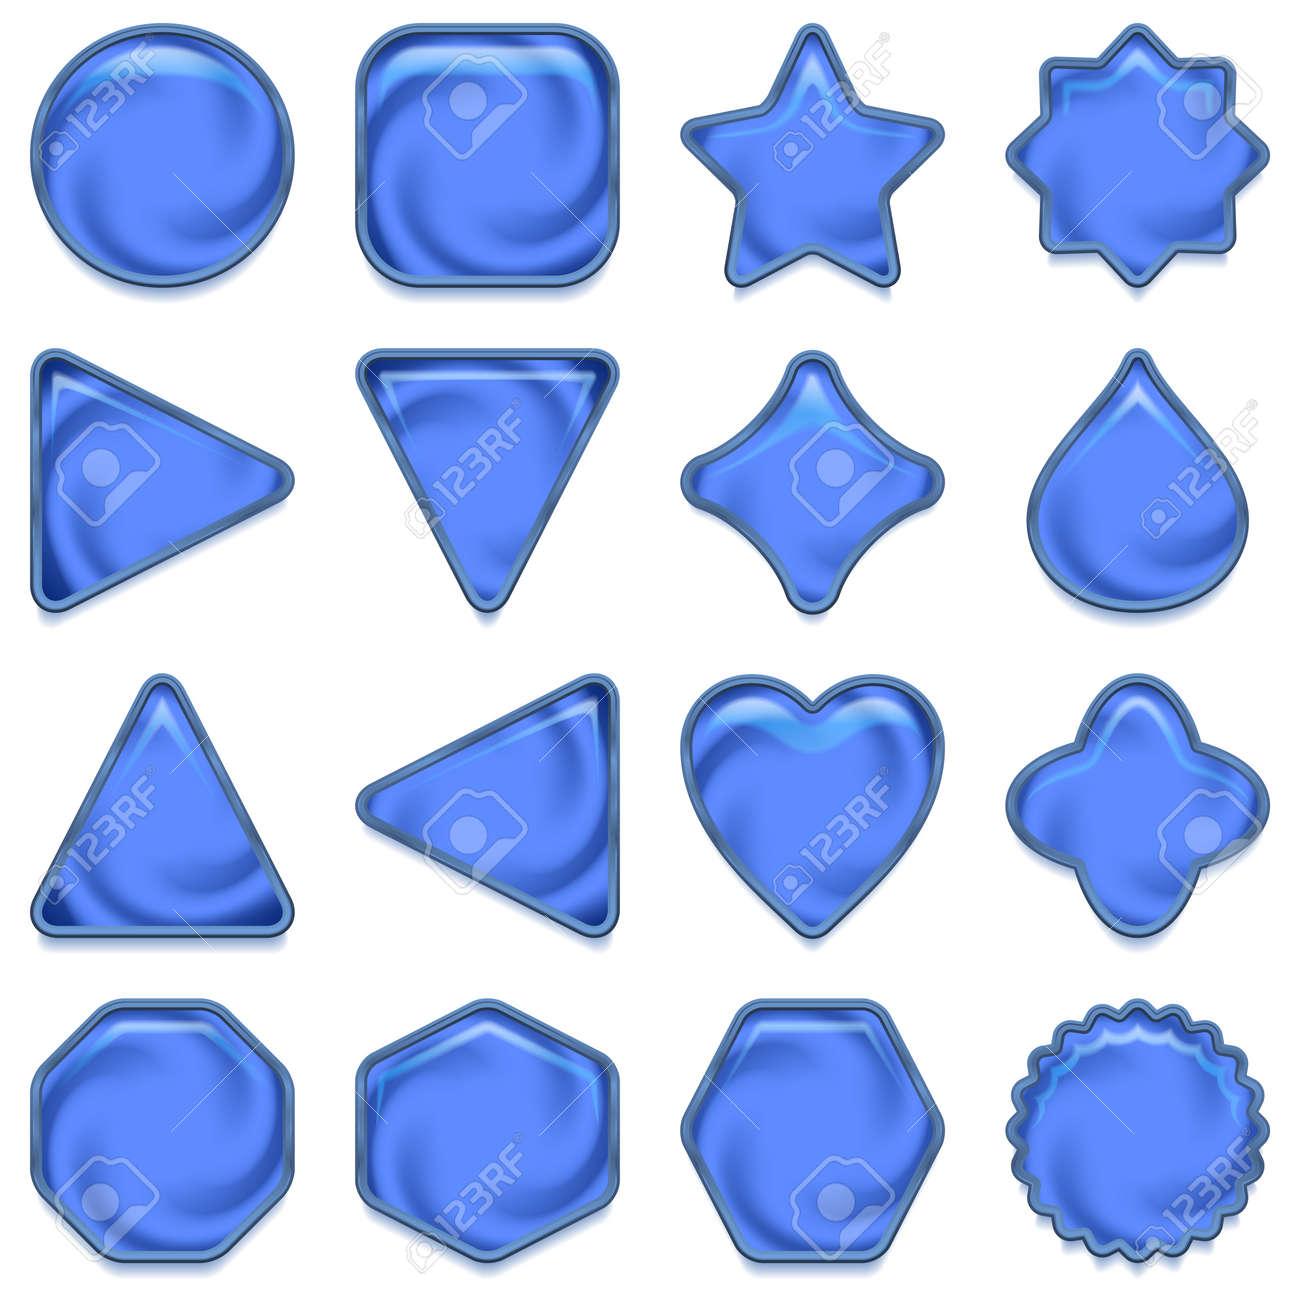 Gemütlich Blaue Rahmen Gläser Fotos - Benutzerdefinierte ...